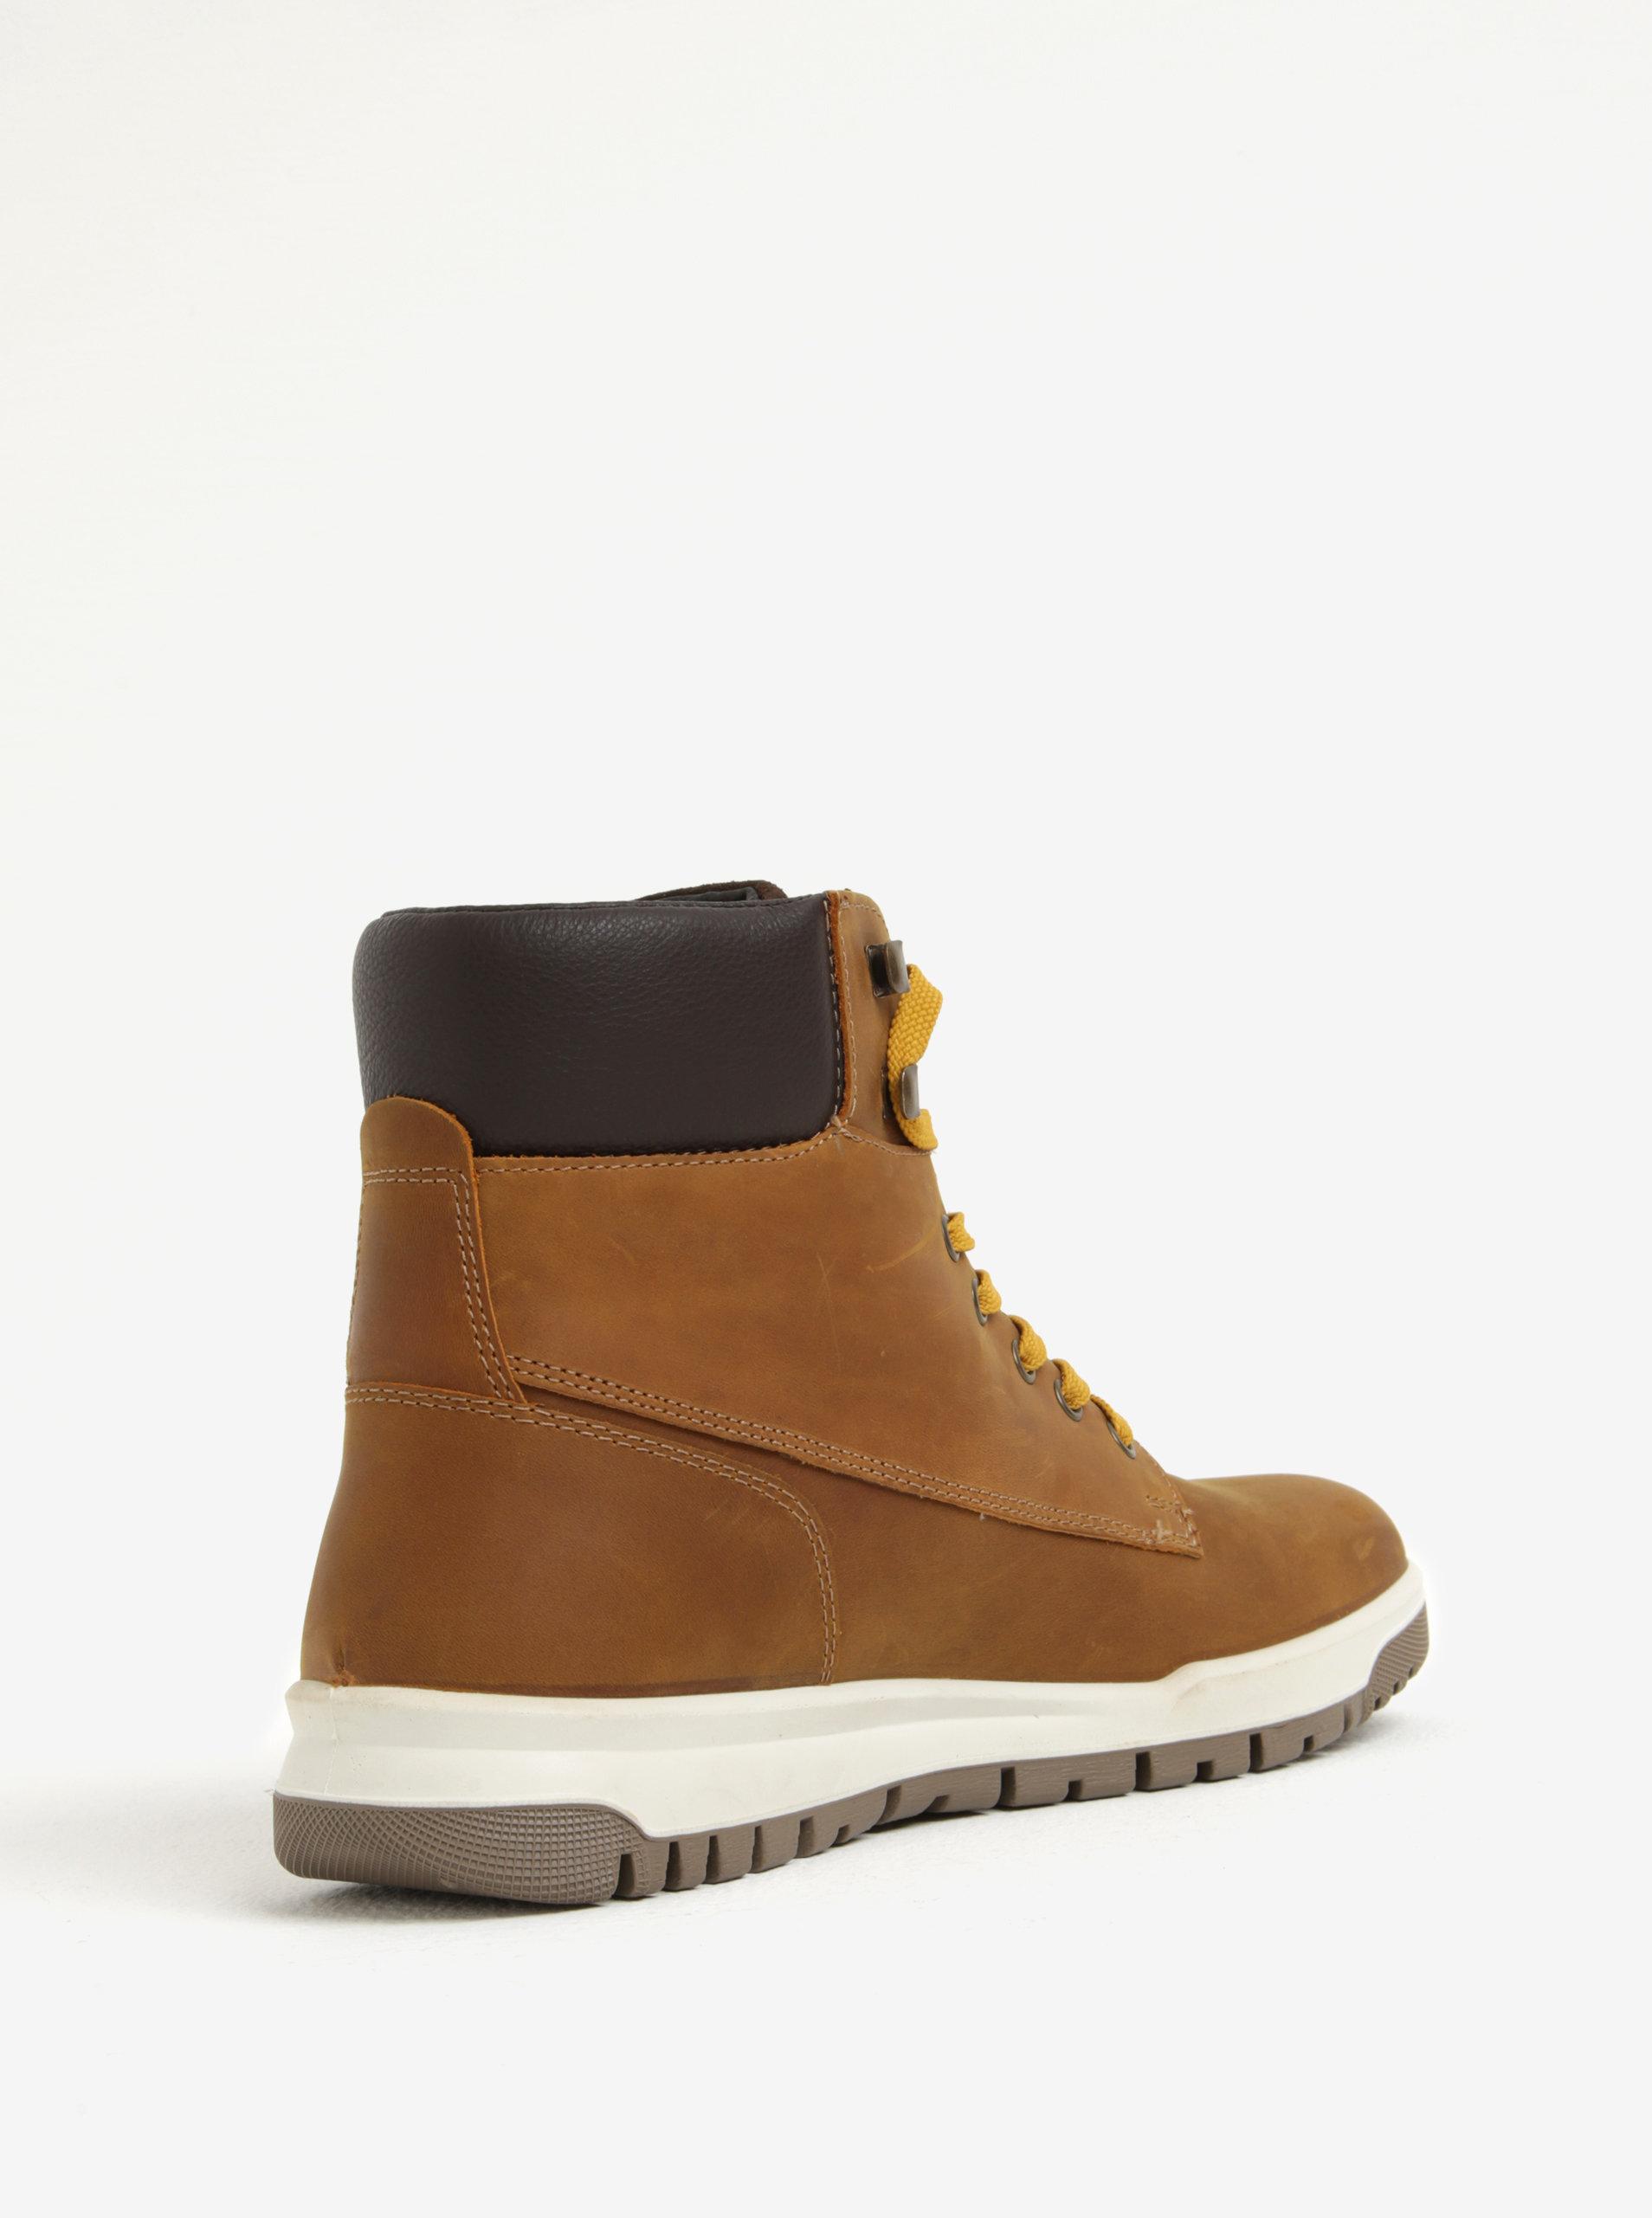 cce2d256cb Hnědé pánské kožené kotníkové boty Weinbrenner Hnědé pánské kožené kotníkové  boty Weinbrenner ...